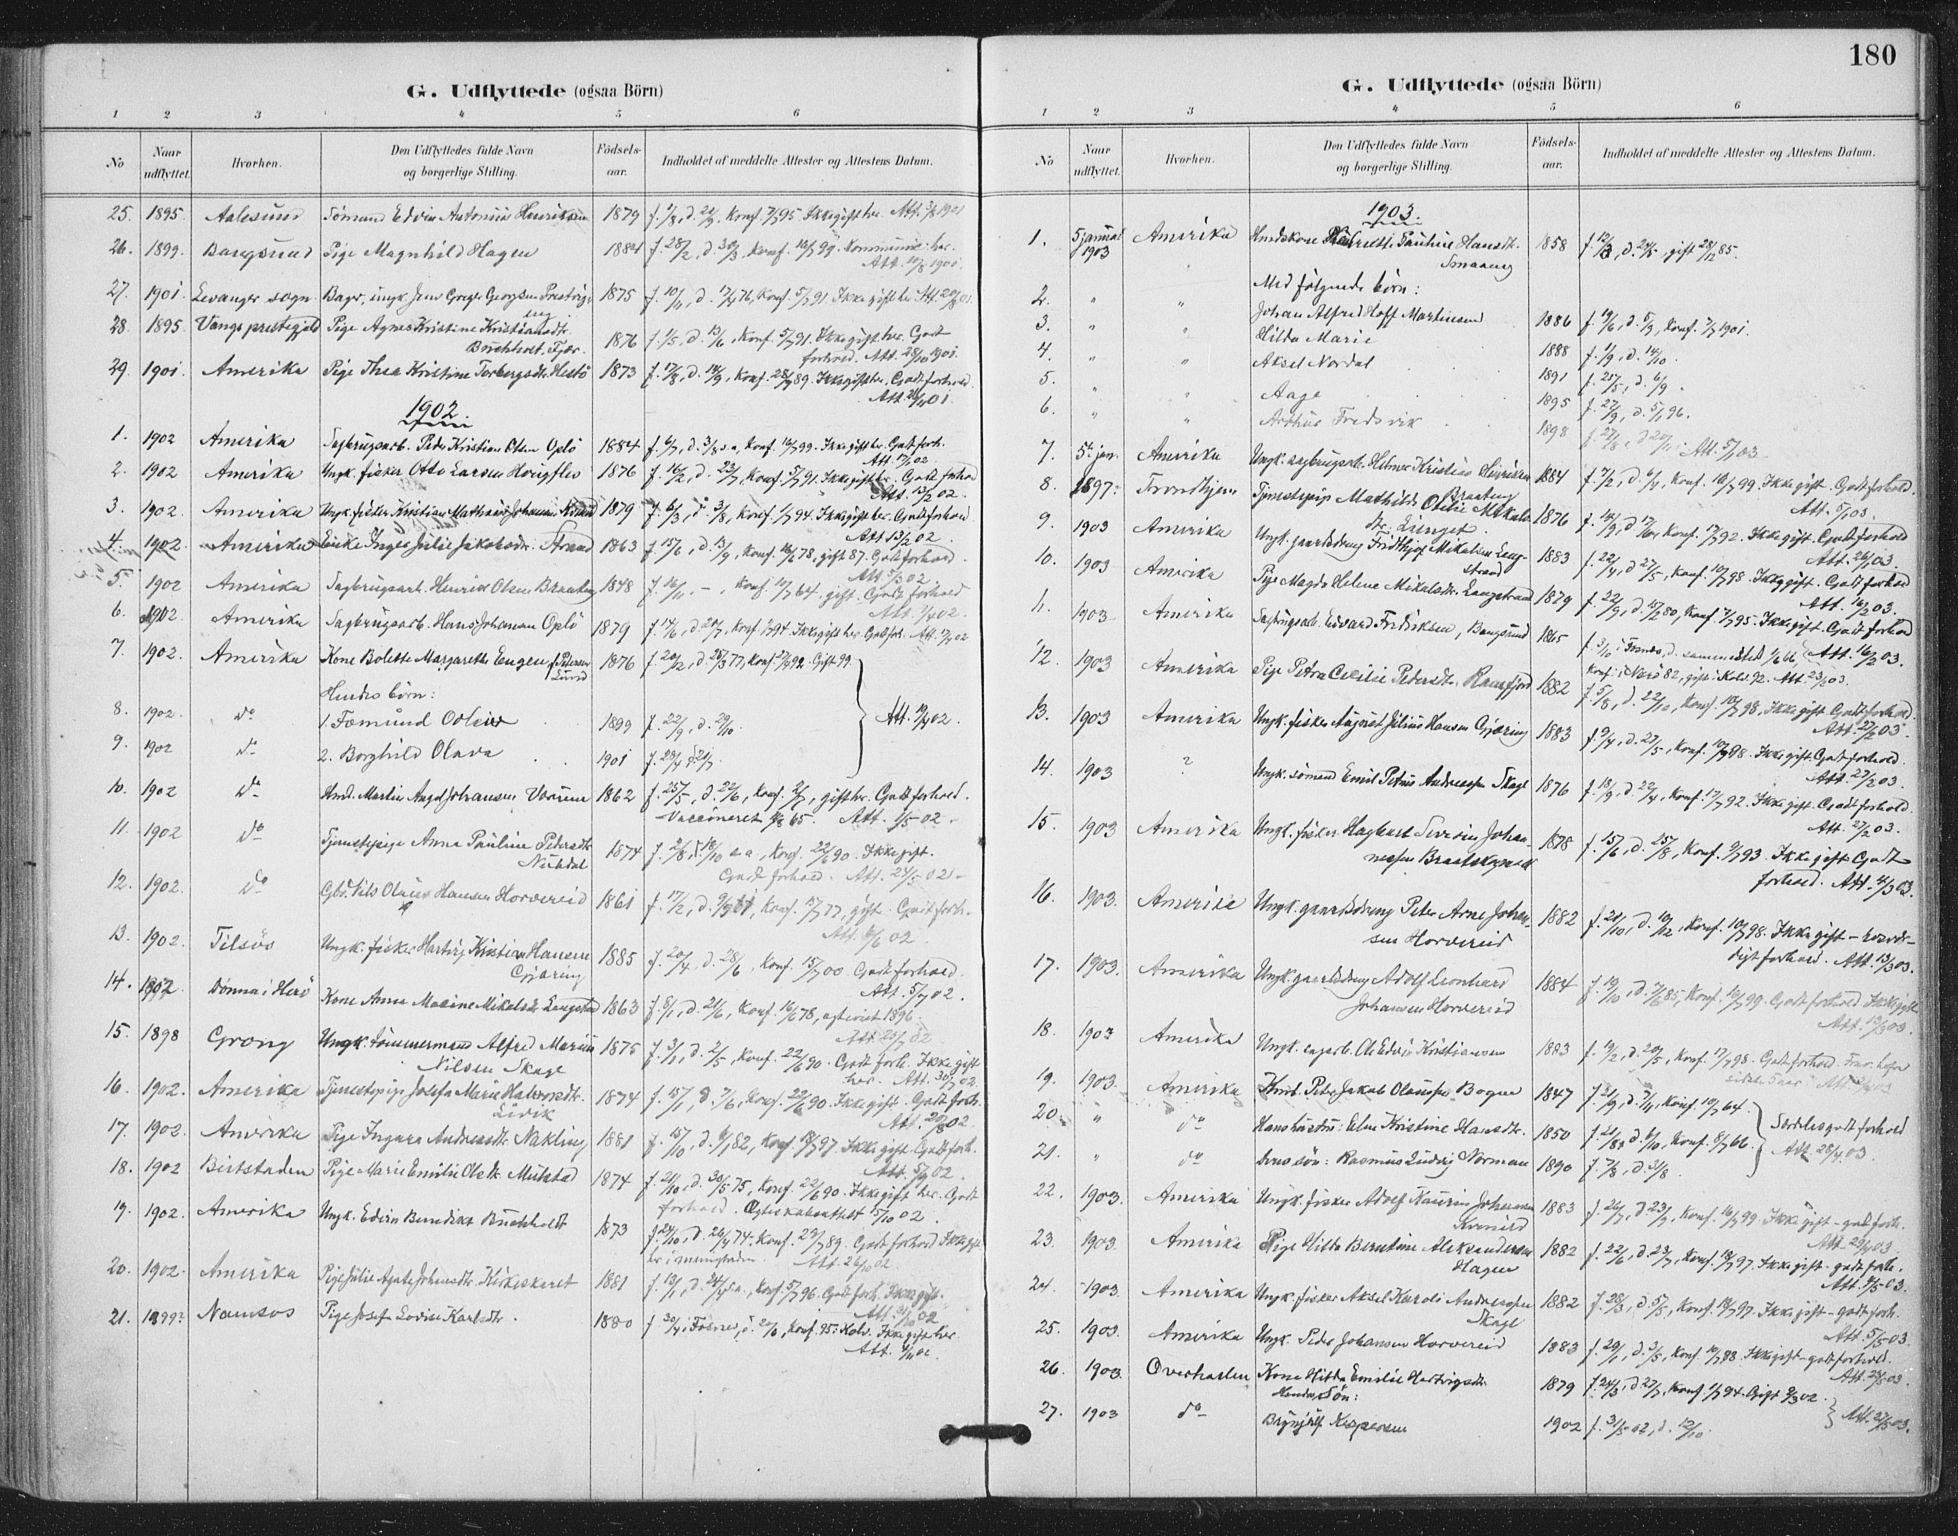 SAT, Ministerialprotokoller, klokkerbøker og fødselsregistre - Nord-Trøndelag, 780/L0644: Ministerialbok nr. 780A08, 1886-1903, s. 180